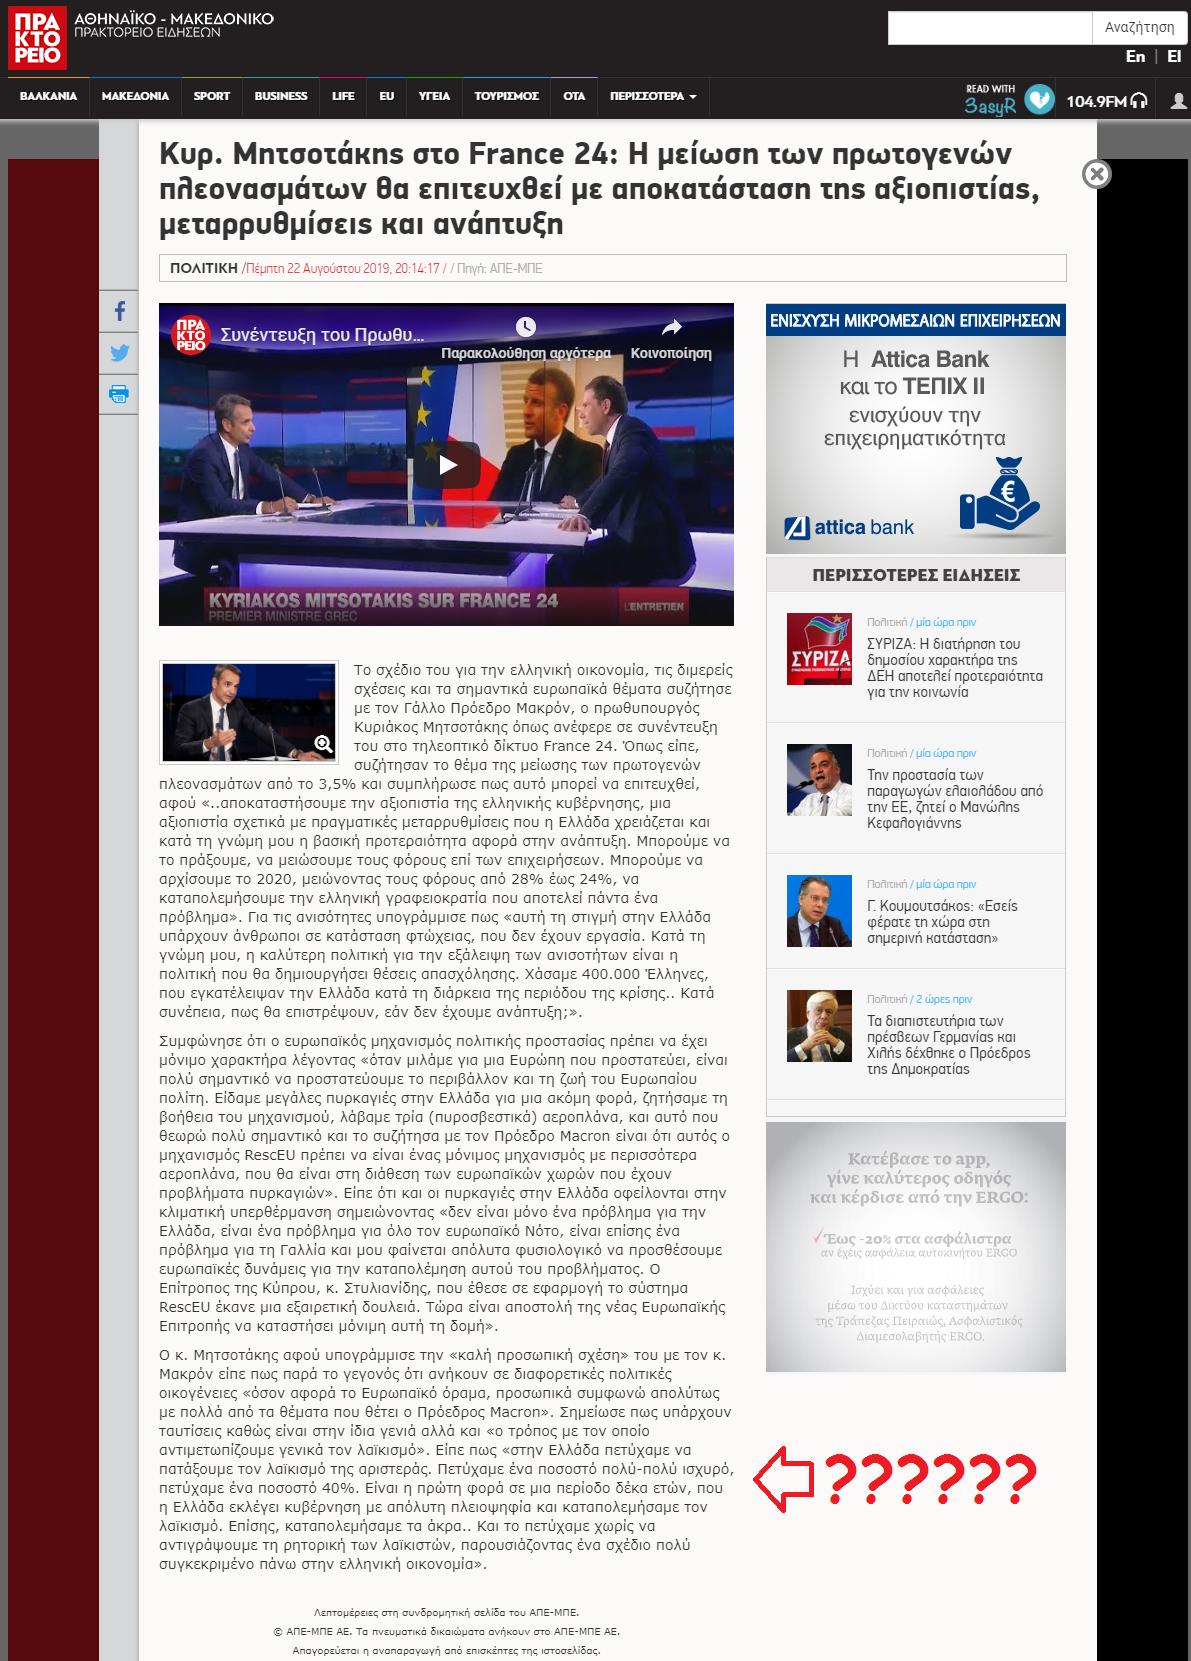 ΞΕΦΤΙΛΙΖΟΥΝ το ΑΠΕ – Εσβησαν ερώτημα του Γάλλου δημοσιογράφου από το France 24 (με εντολή Μητσοτάκη;)  [ΒΙΝΤΕΟ]